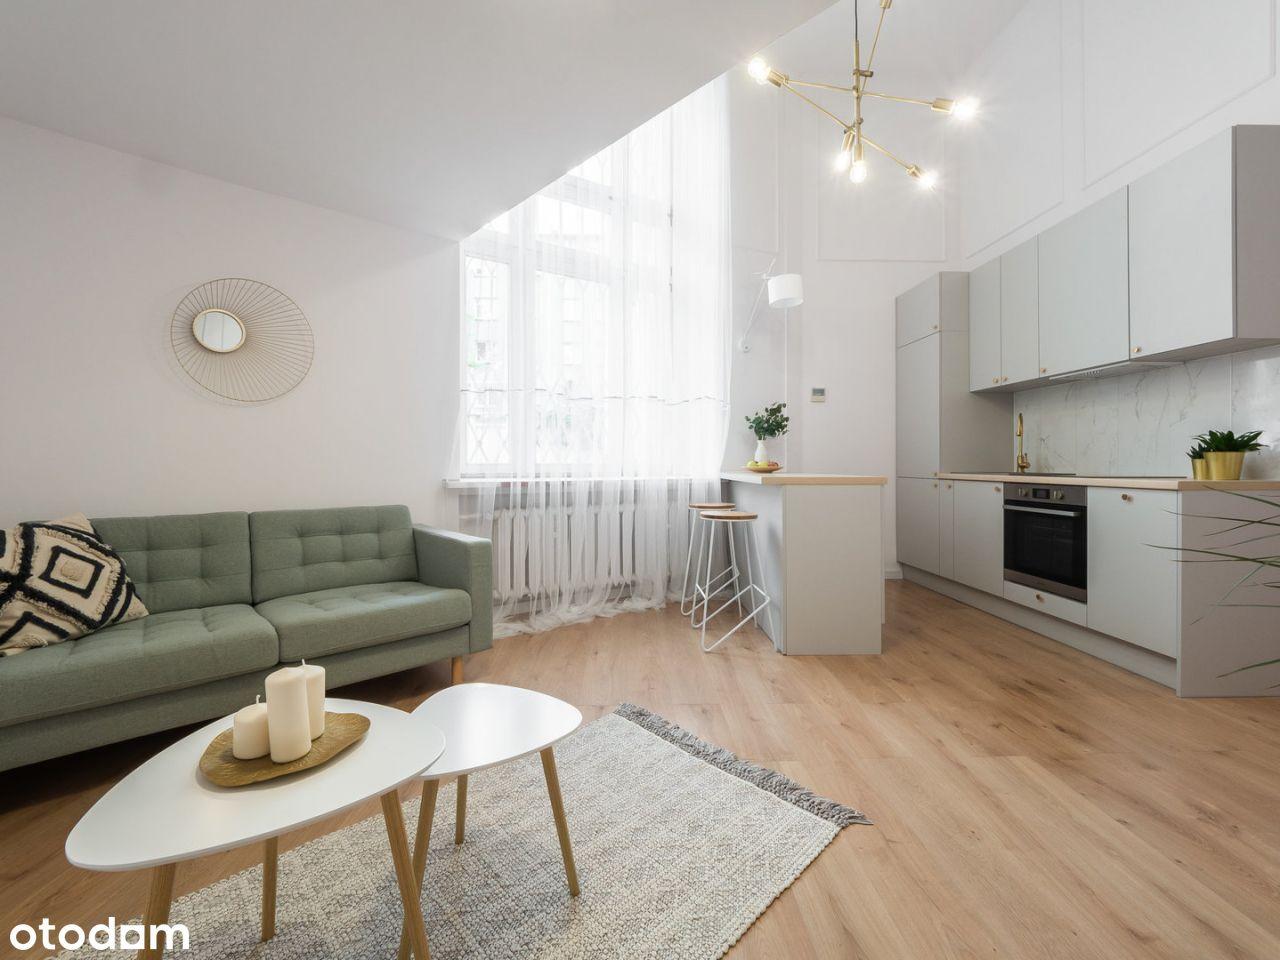 Gotowe mieszkanie idealne pod WYNAJEM